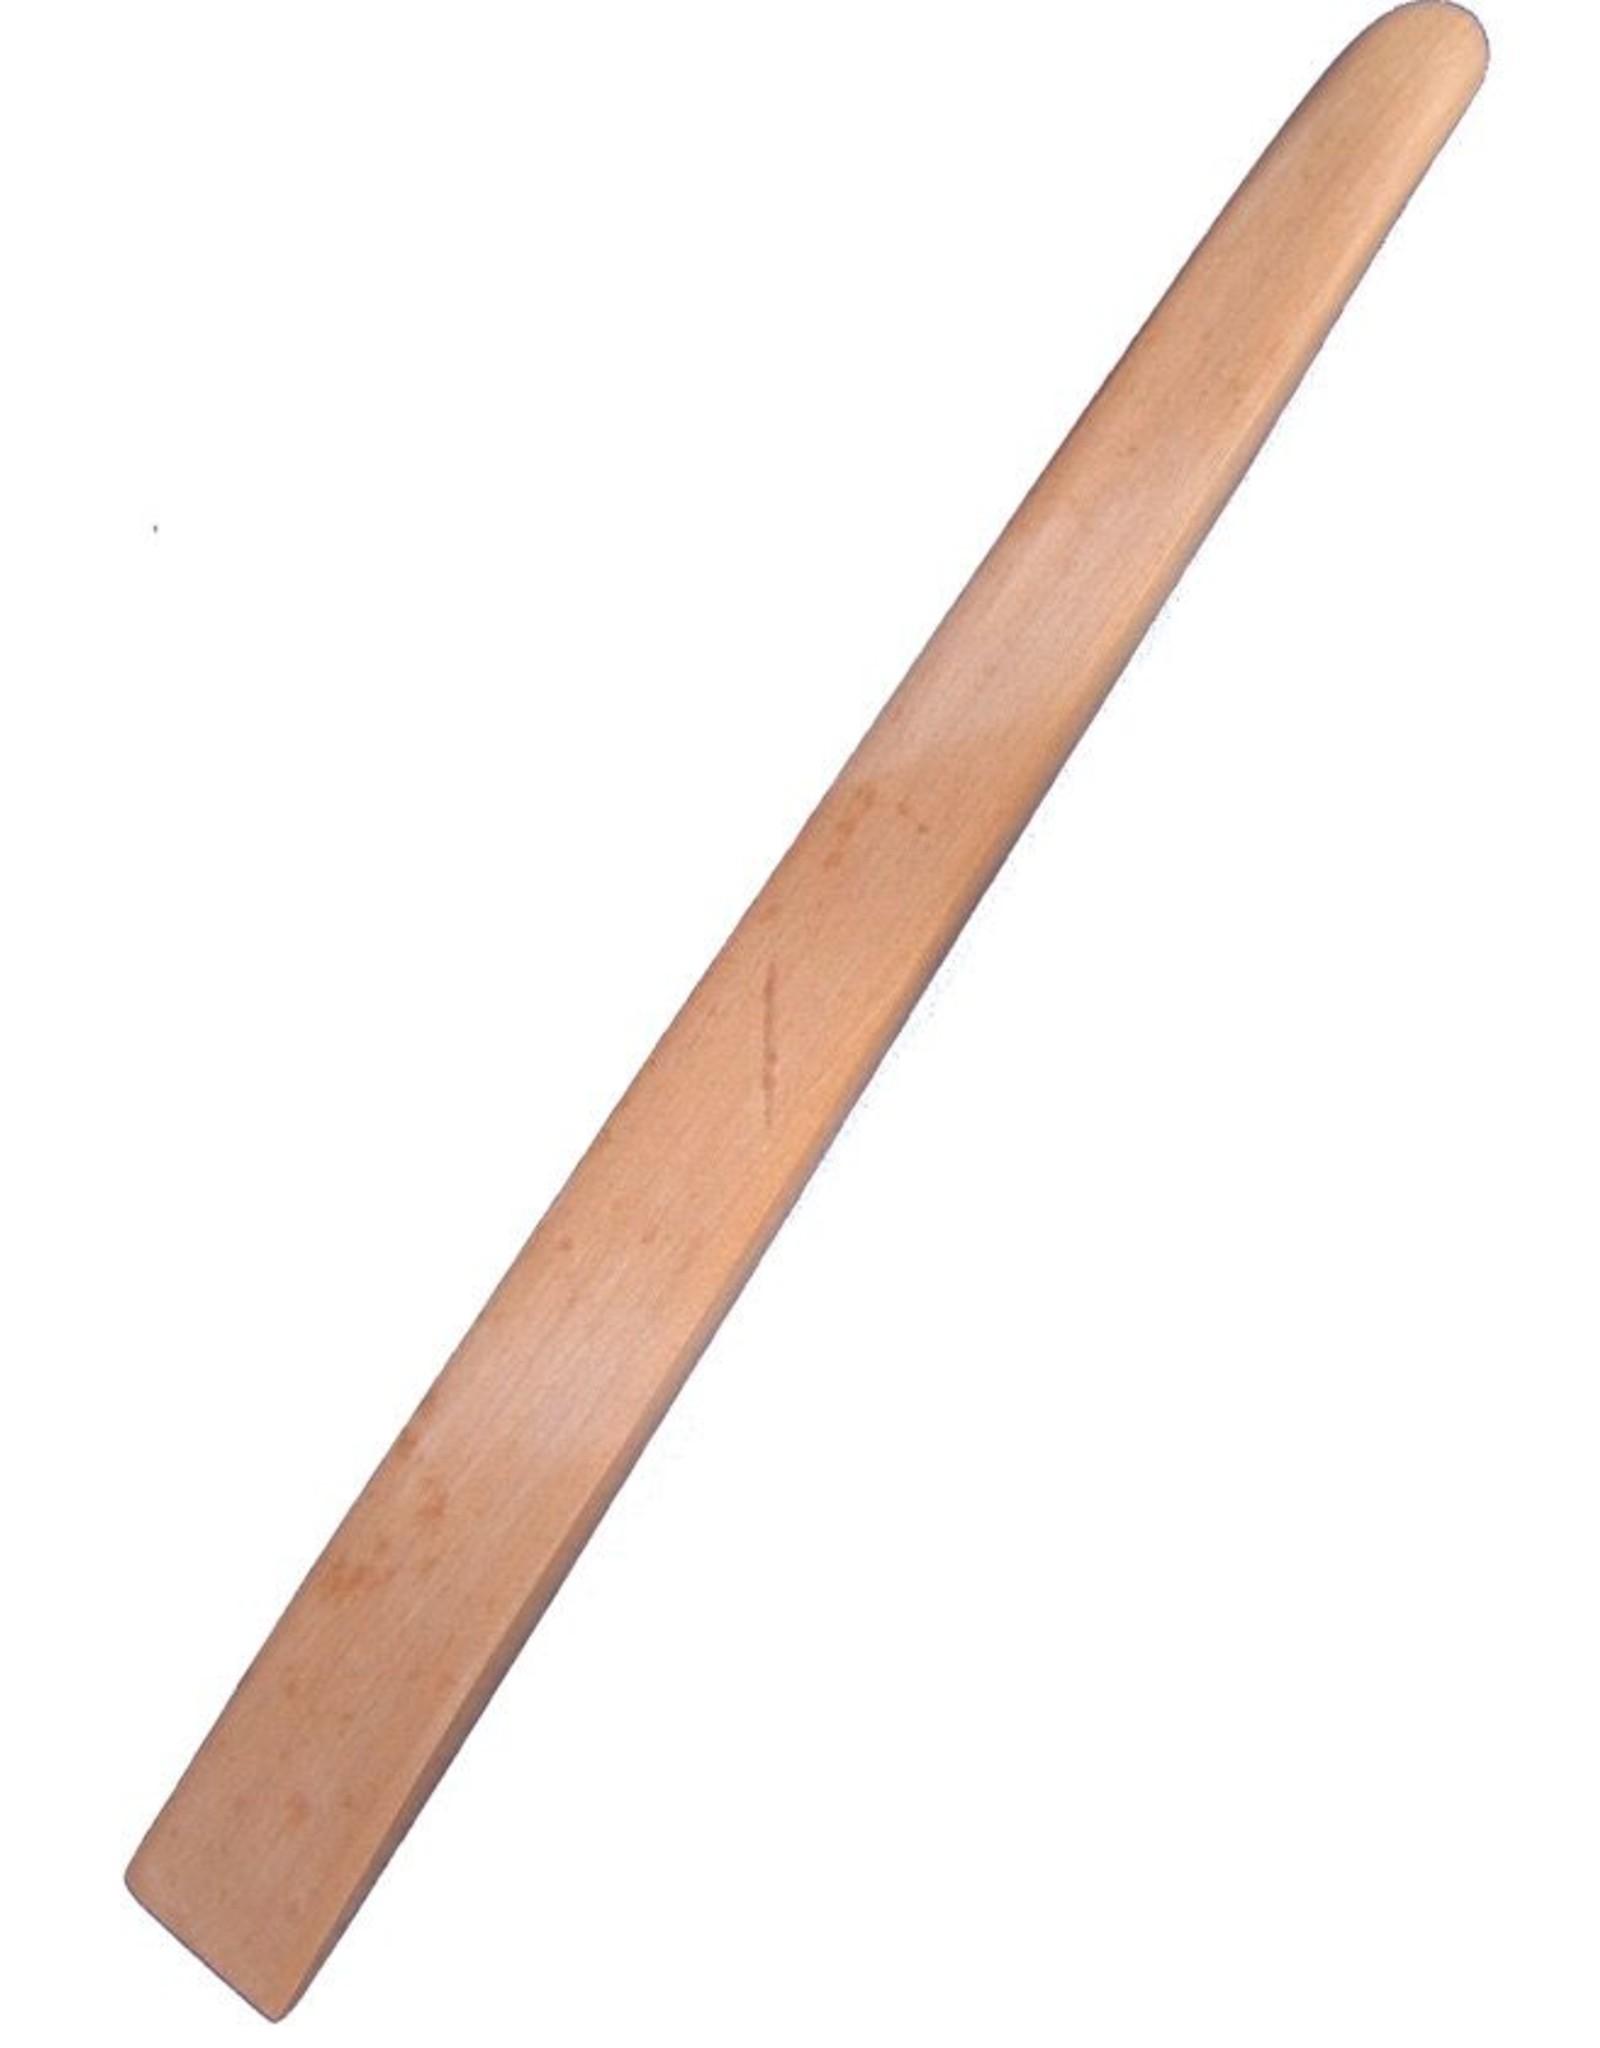 Boxwood modelling tool